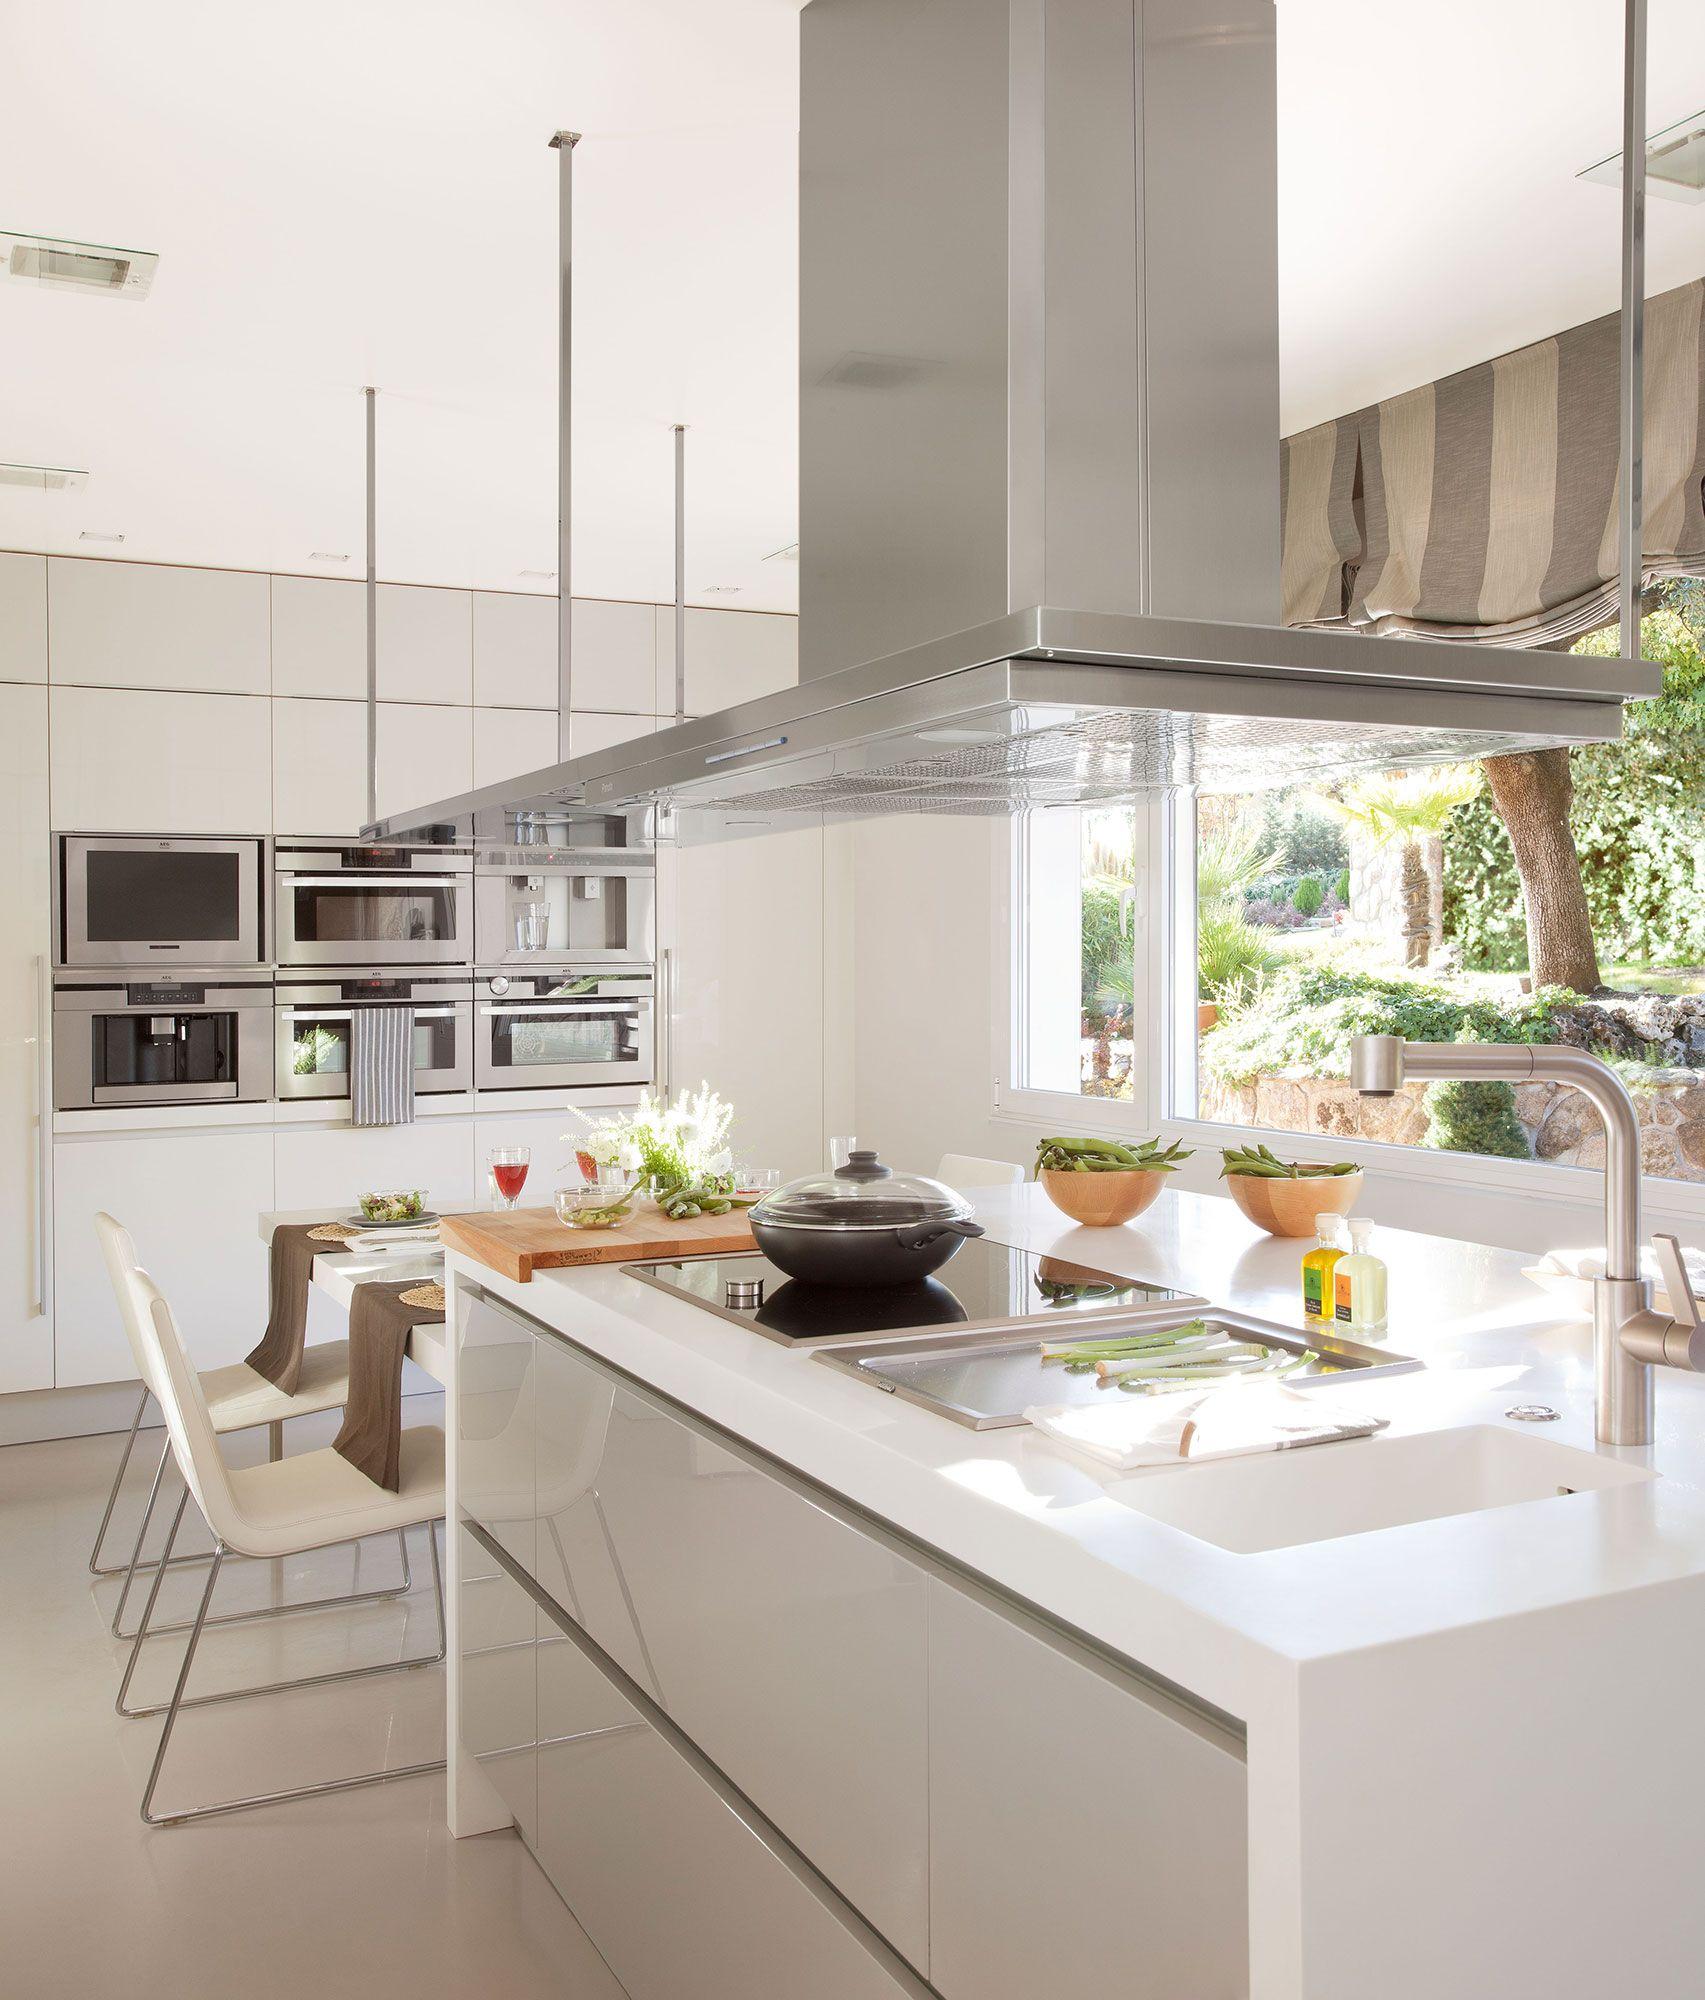 Cocina de dise o moderno con isla en blanco y gris for Construir isla cocina